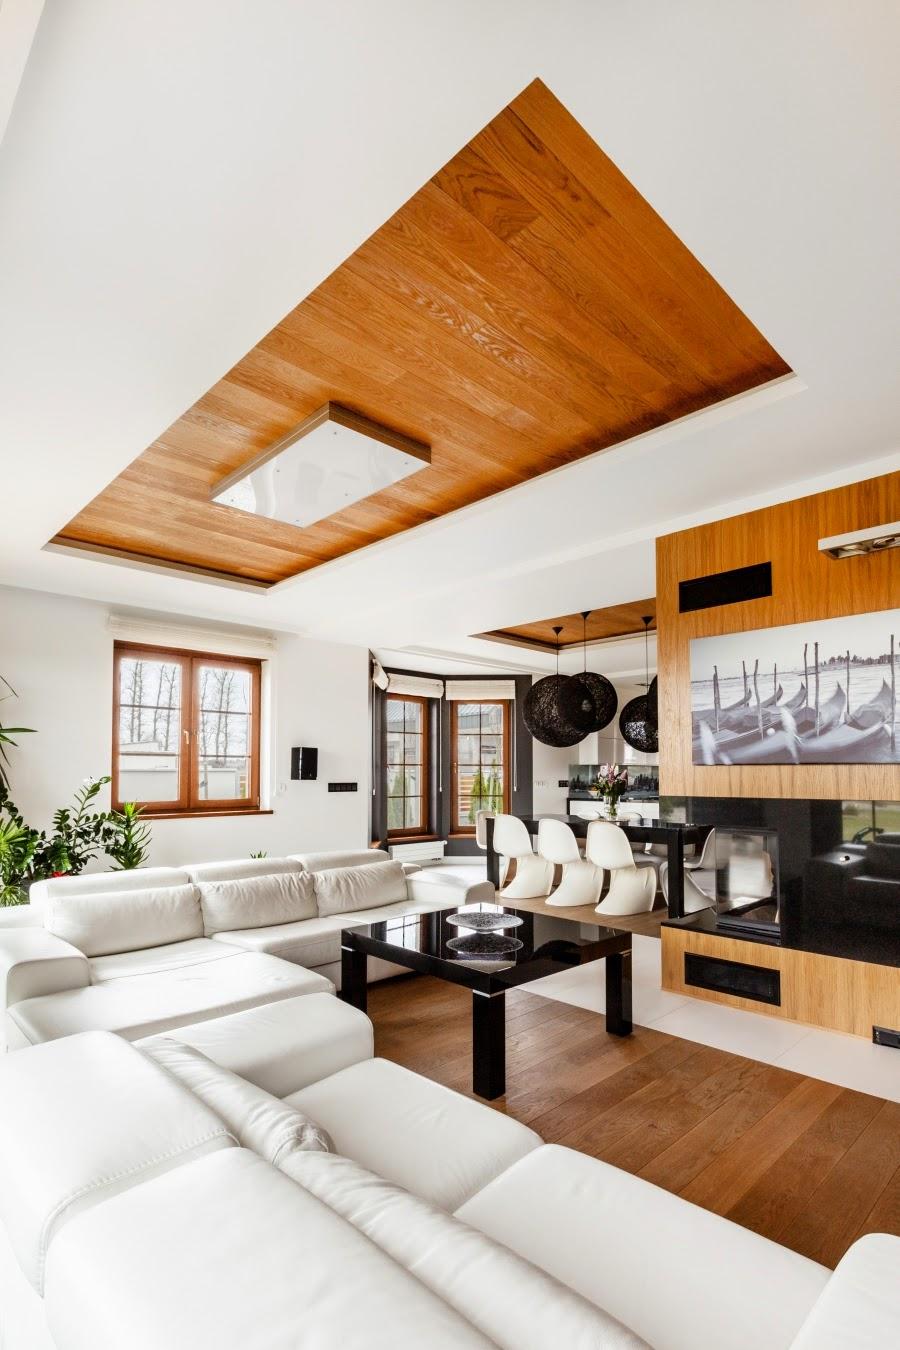 wnętrza, wystrój wnętrz, dom, mieszkanie, aranżacja, home decor, dekoracje, styl nowoczesny, biel i czerń, lampy, salon, jadalnia, kominek